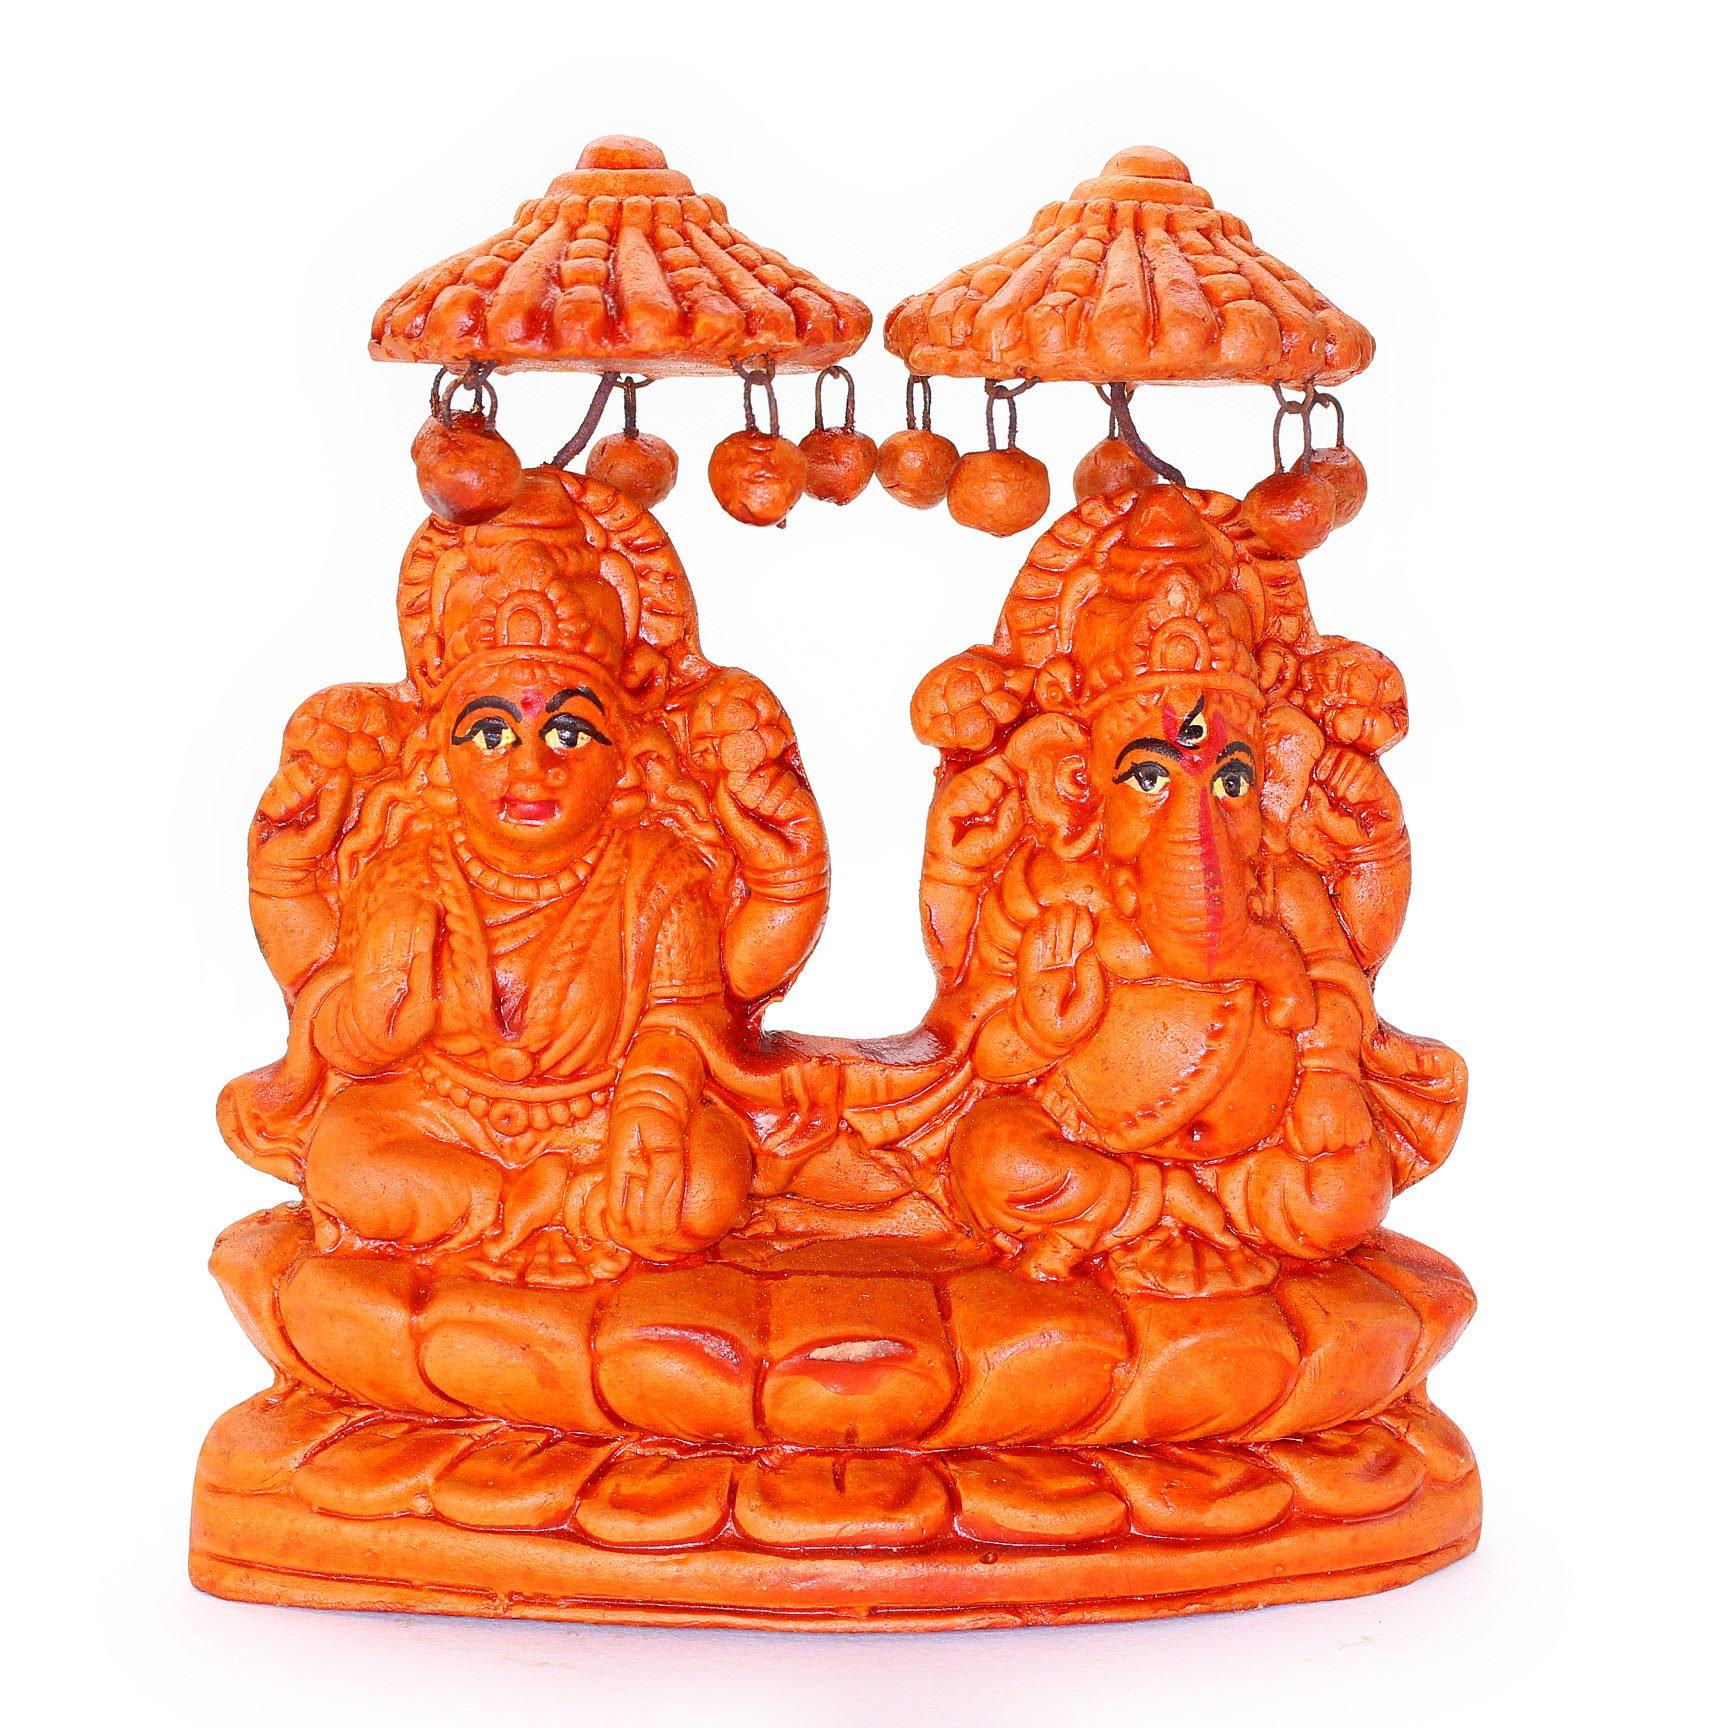 素焼きのガネーシャ&ラクシュミー神像